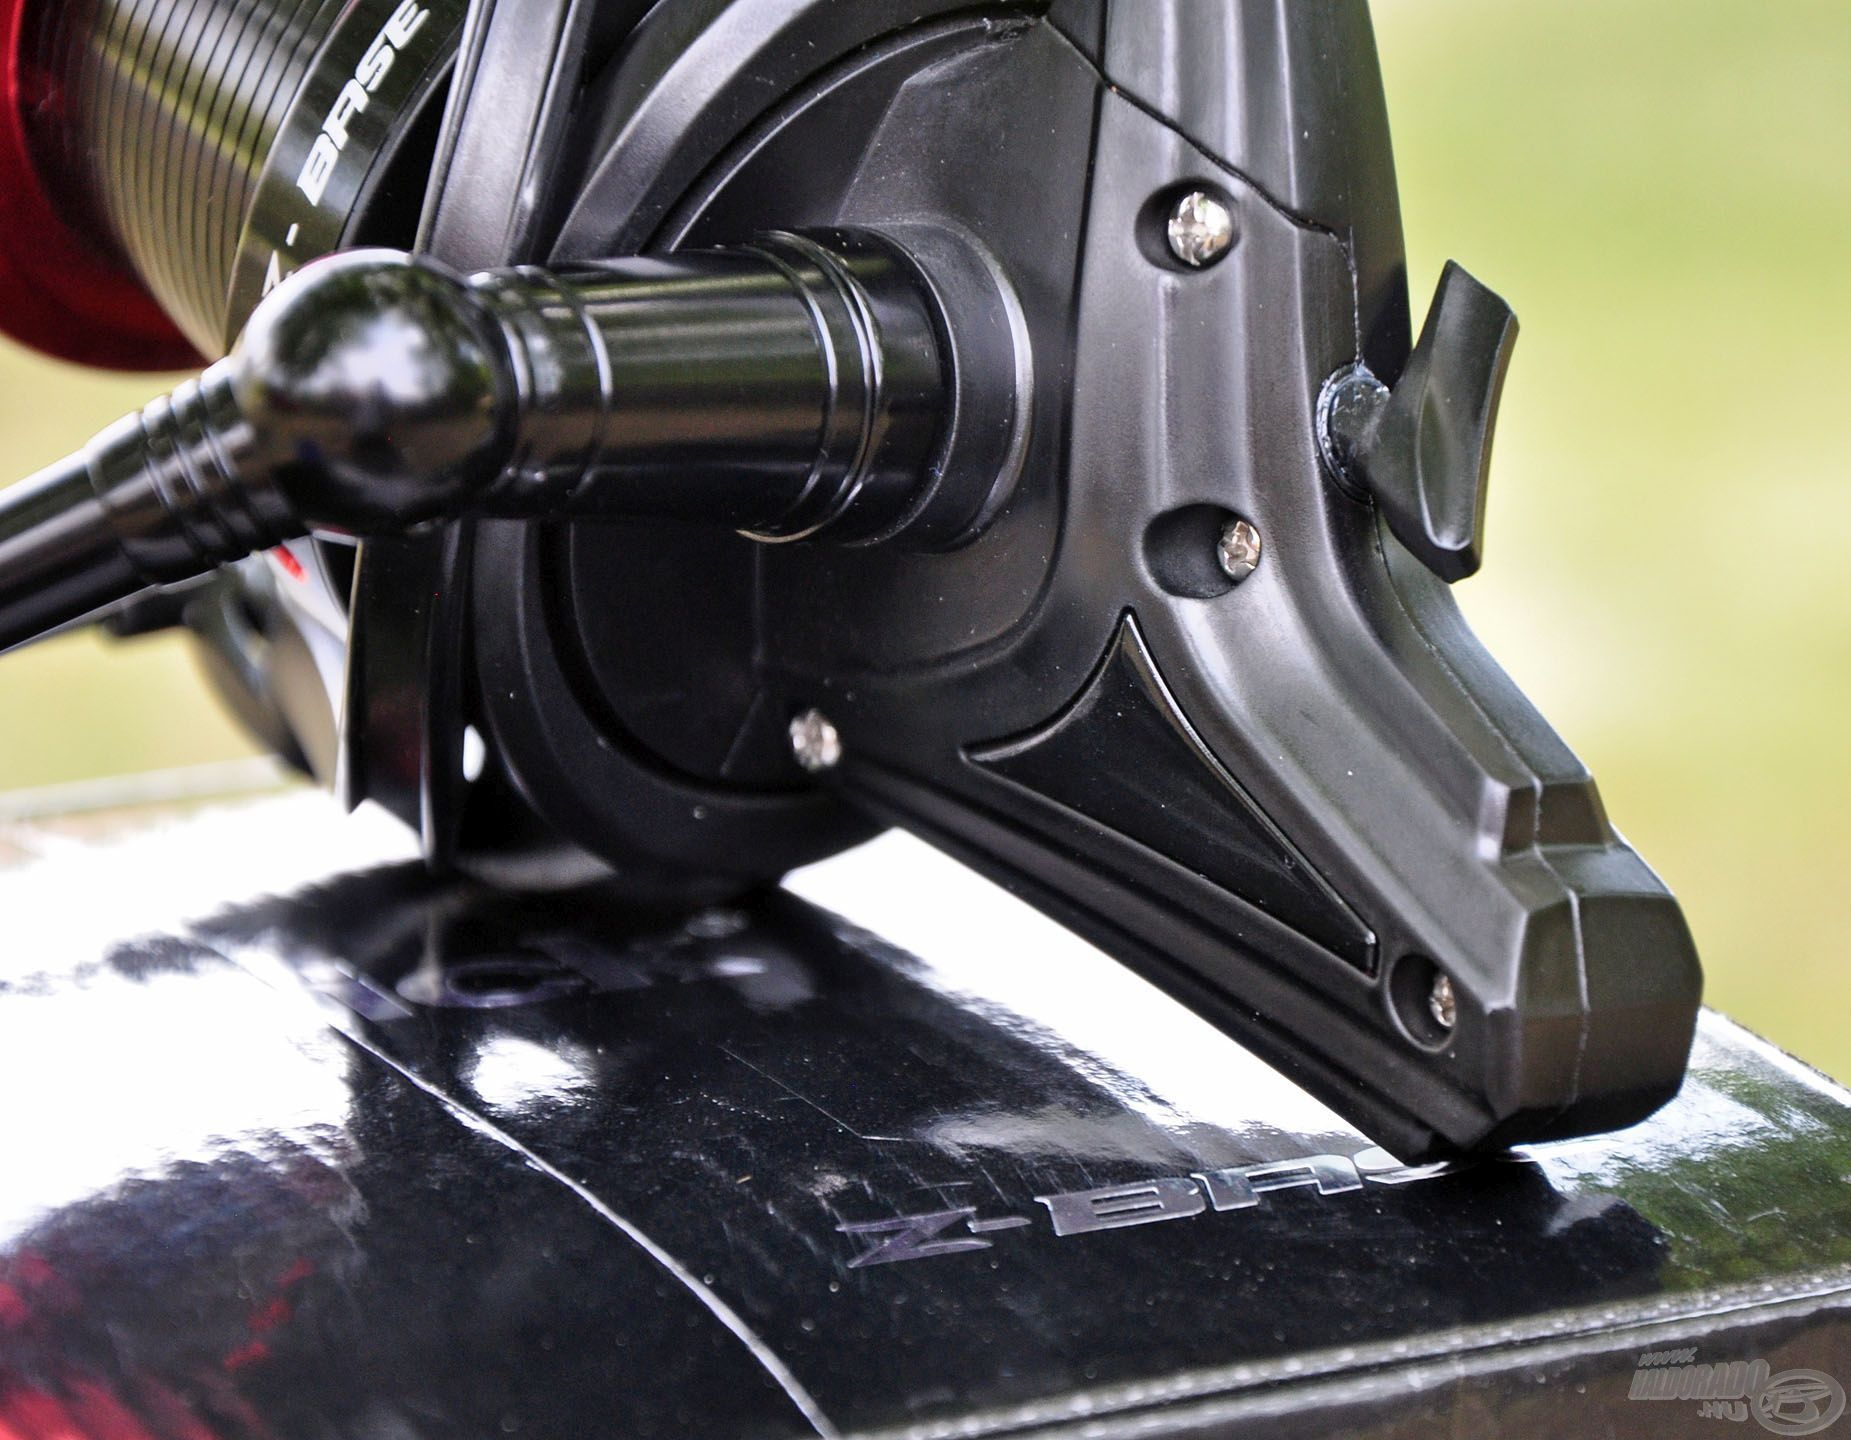 Matt-selyemfényű fekete orsótest, ami kifejezetten karcsú, hosszított formatervezésű